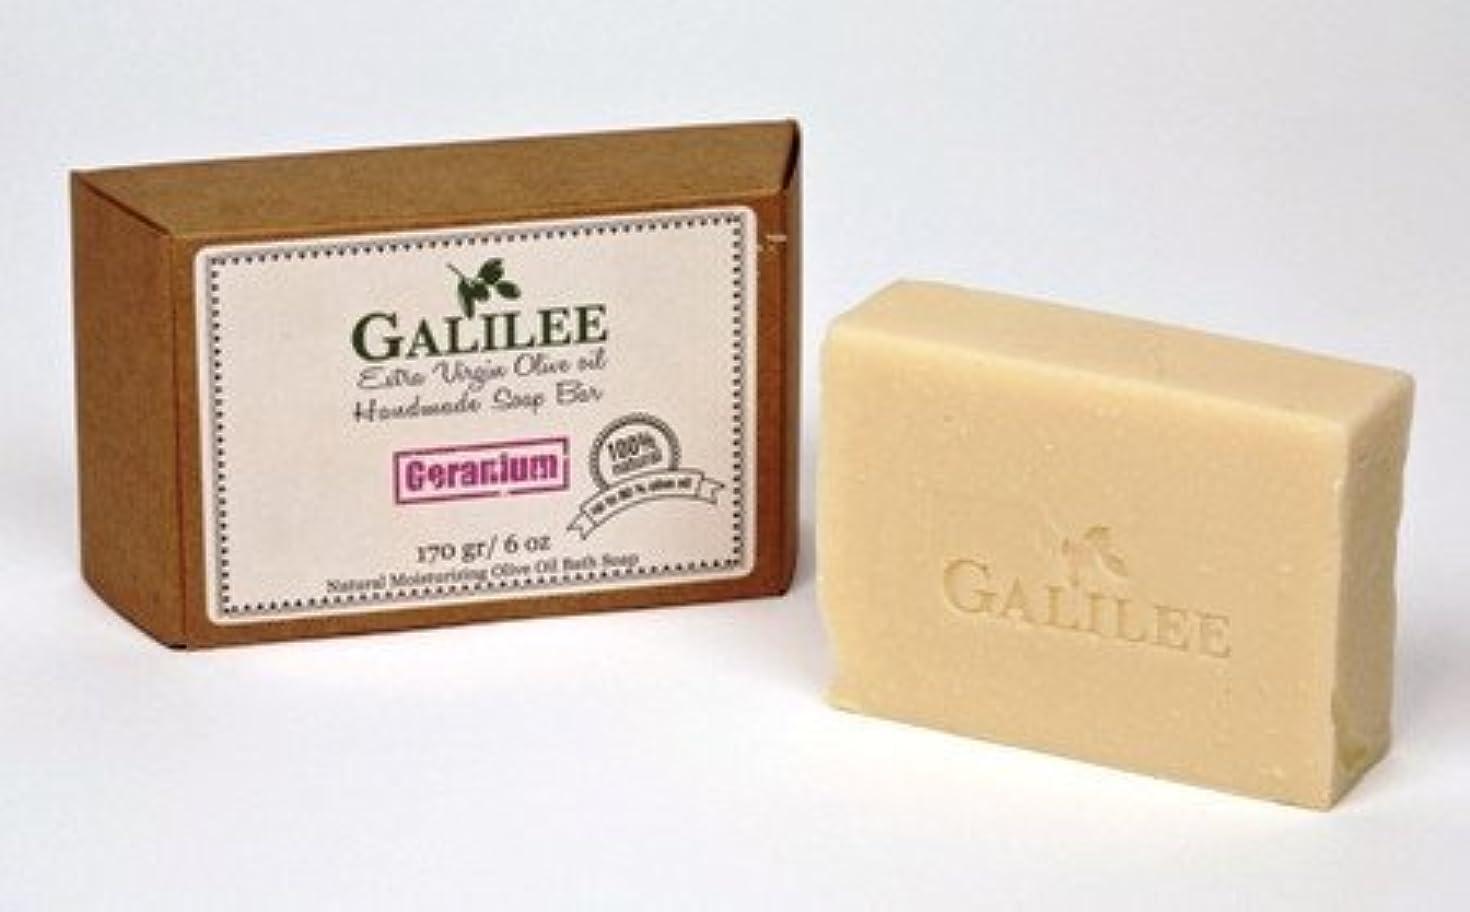 パワー求める用心Galilee Magic ガリラヤオリーブオイルソープバー 3.5oz レモングラスオリーブオイル